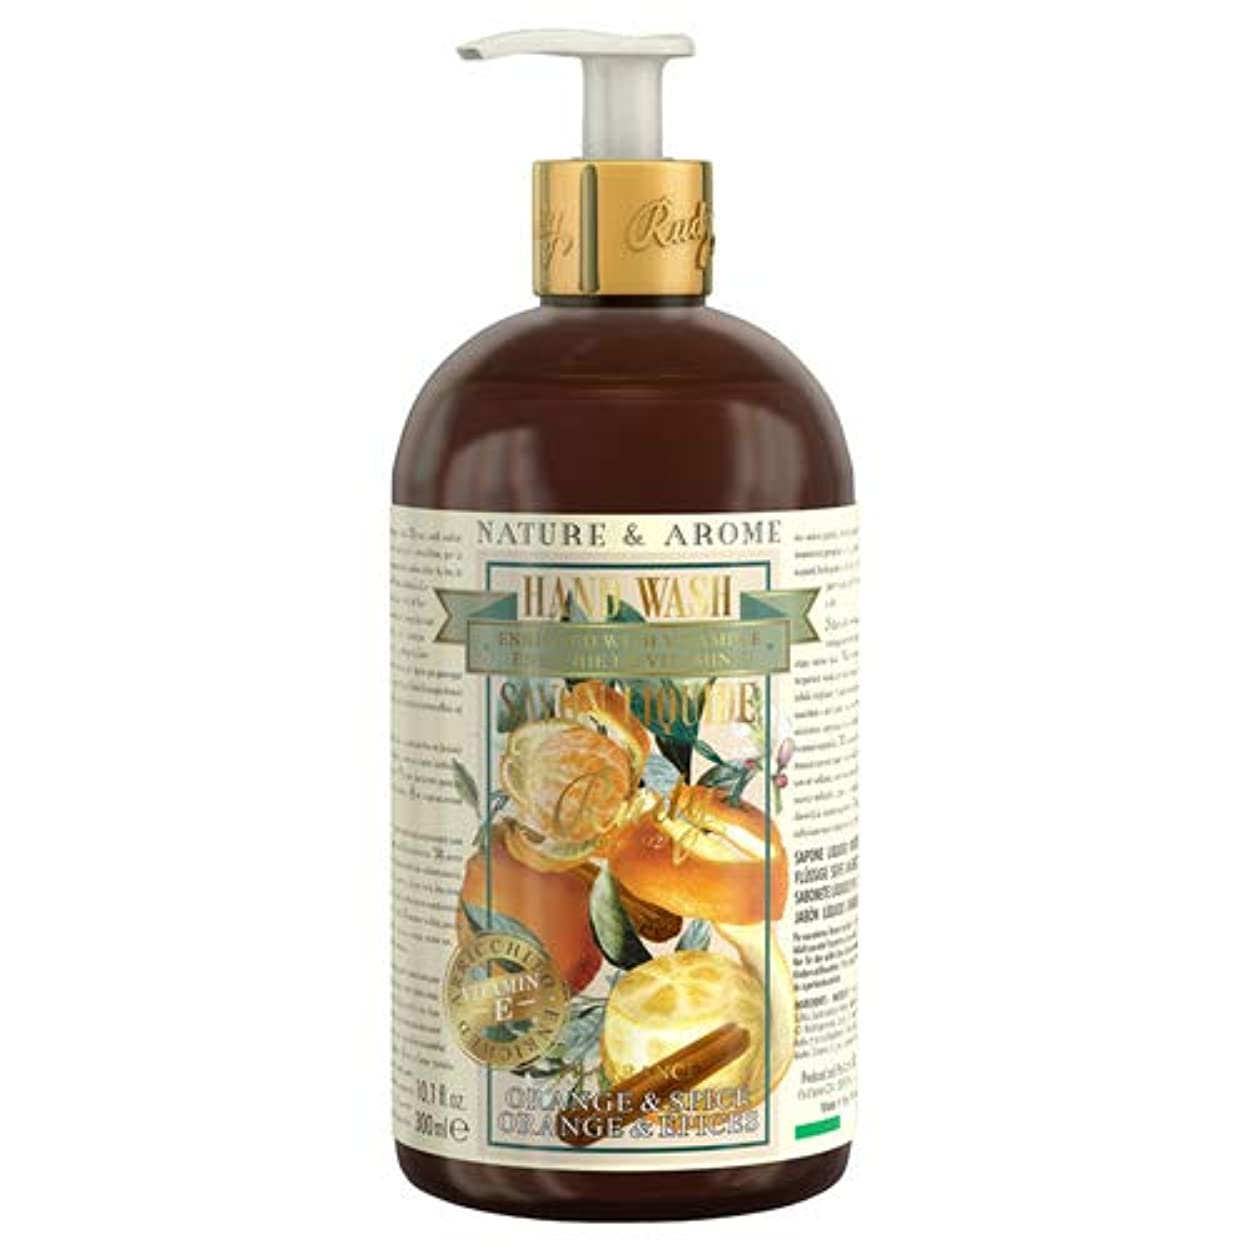 ジョージバーナード苦しめる建物RUDY Nature&Arome Apothecary ネイチャーアロマ アポセカリー Hand Wash ハンドウォッシュ(ボディソープ) Orange & Spice オレンジ&スパイス